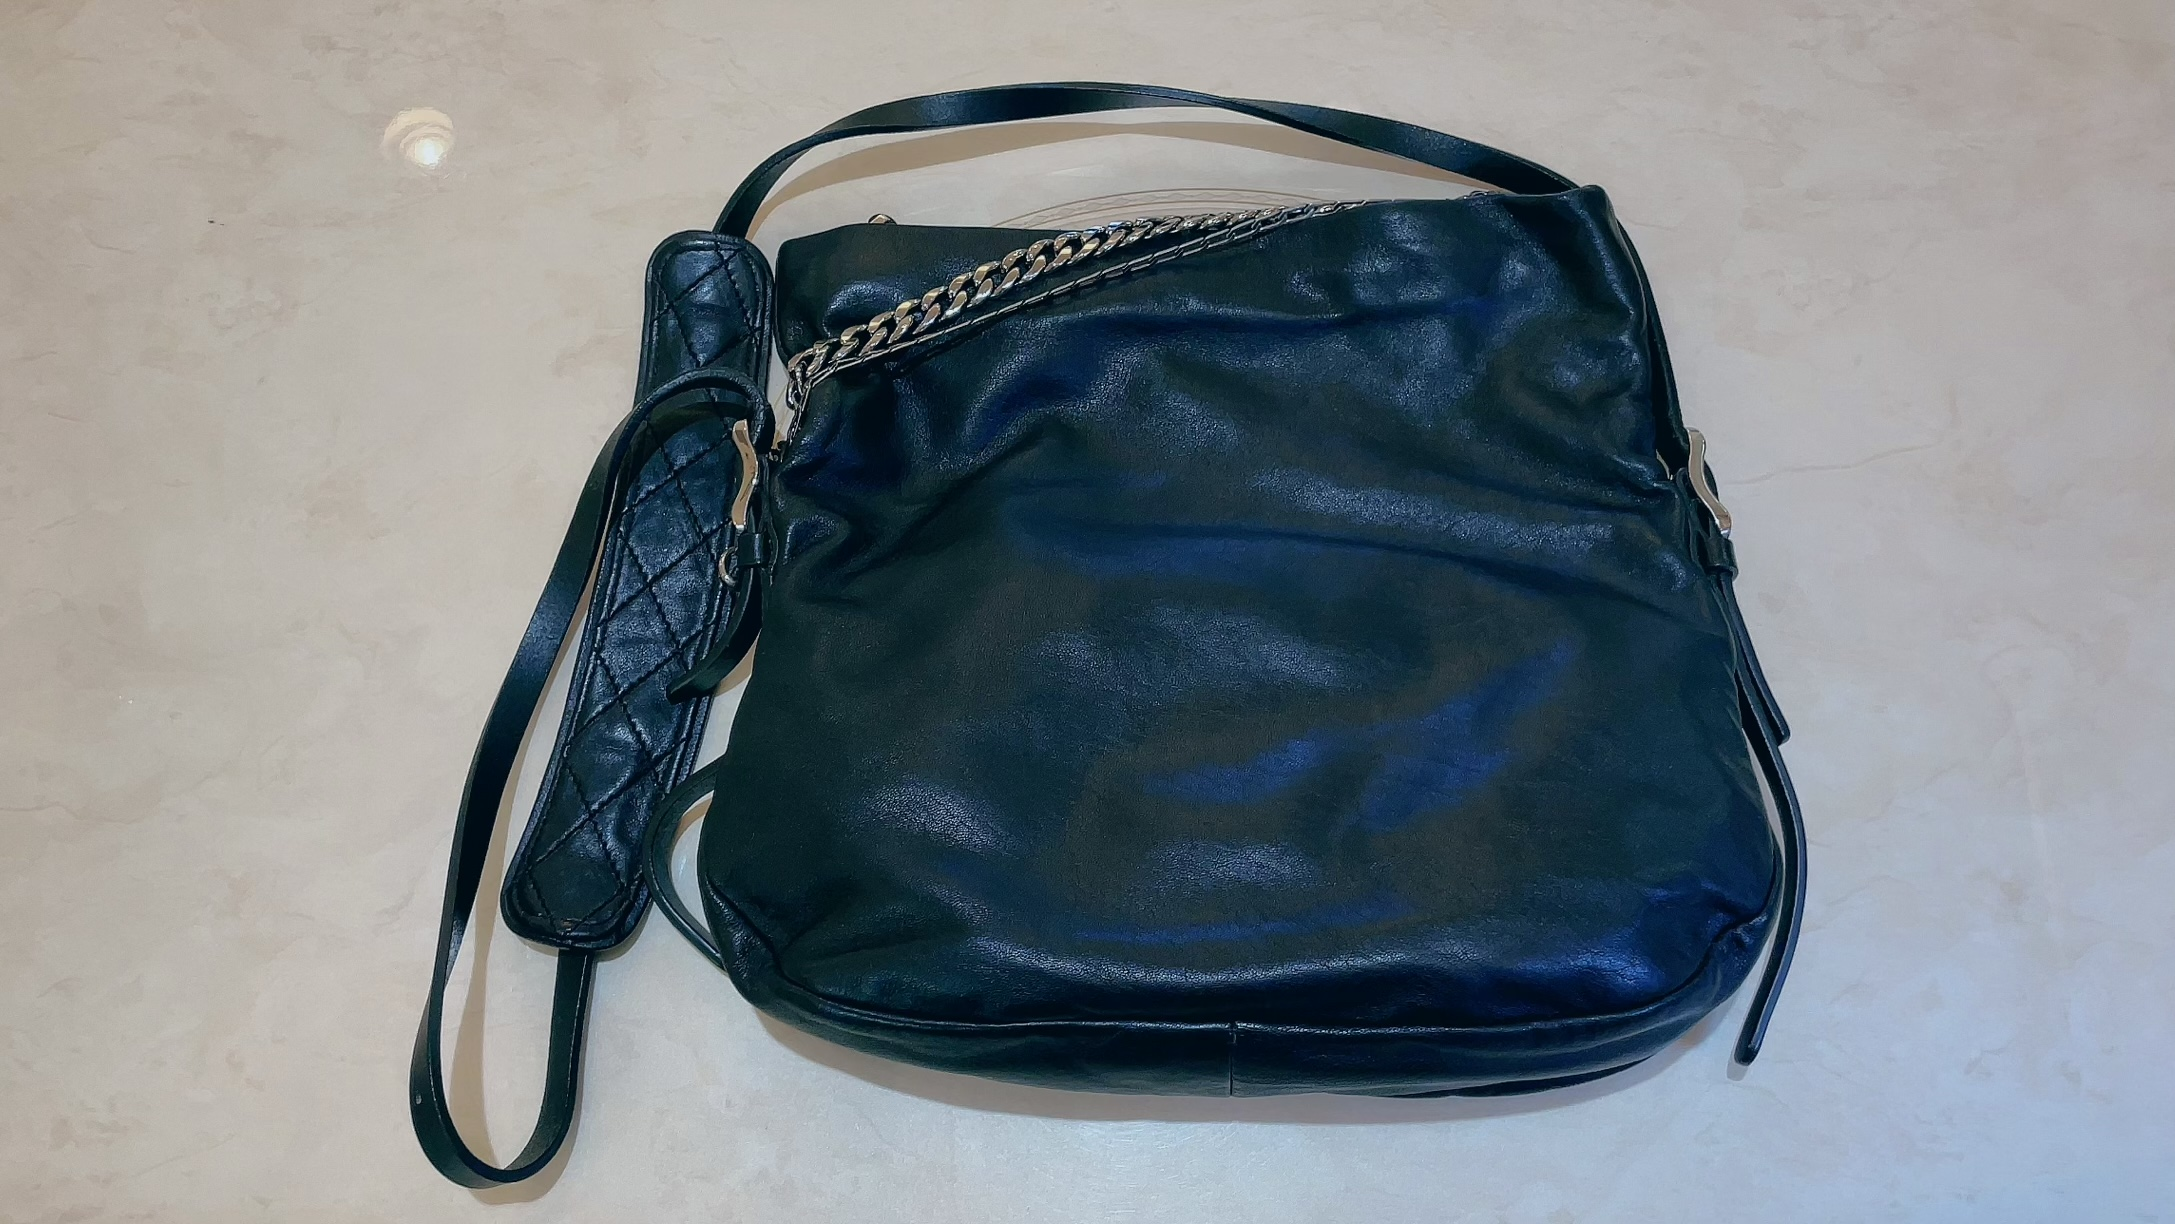 【買取速報】ブランドバッグ、JIMMY CHOO-2021-07-22